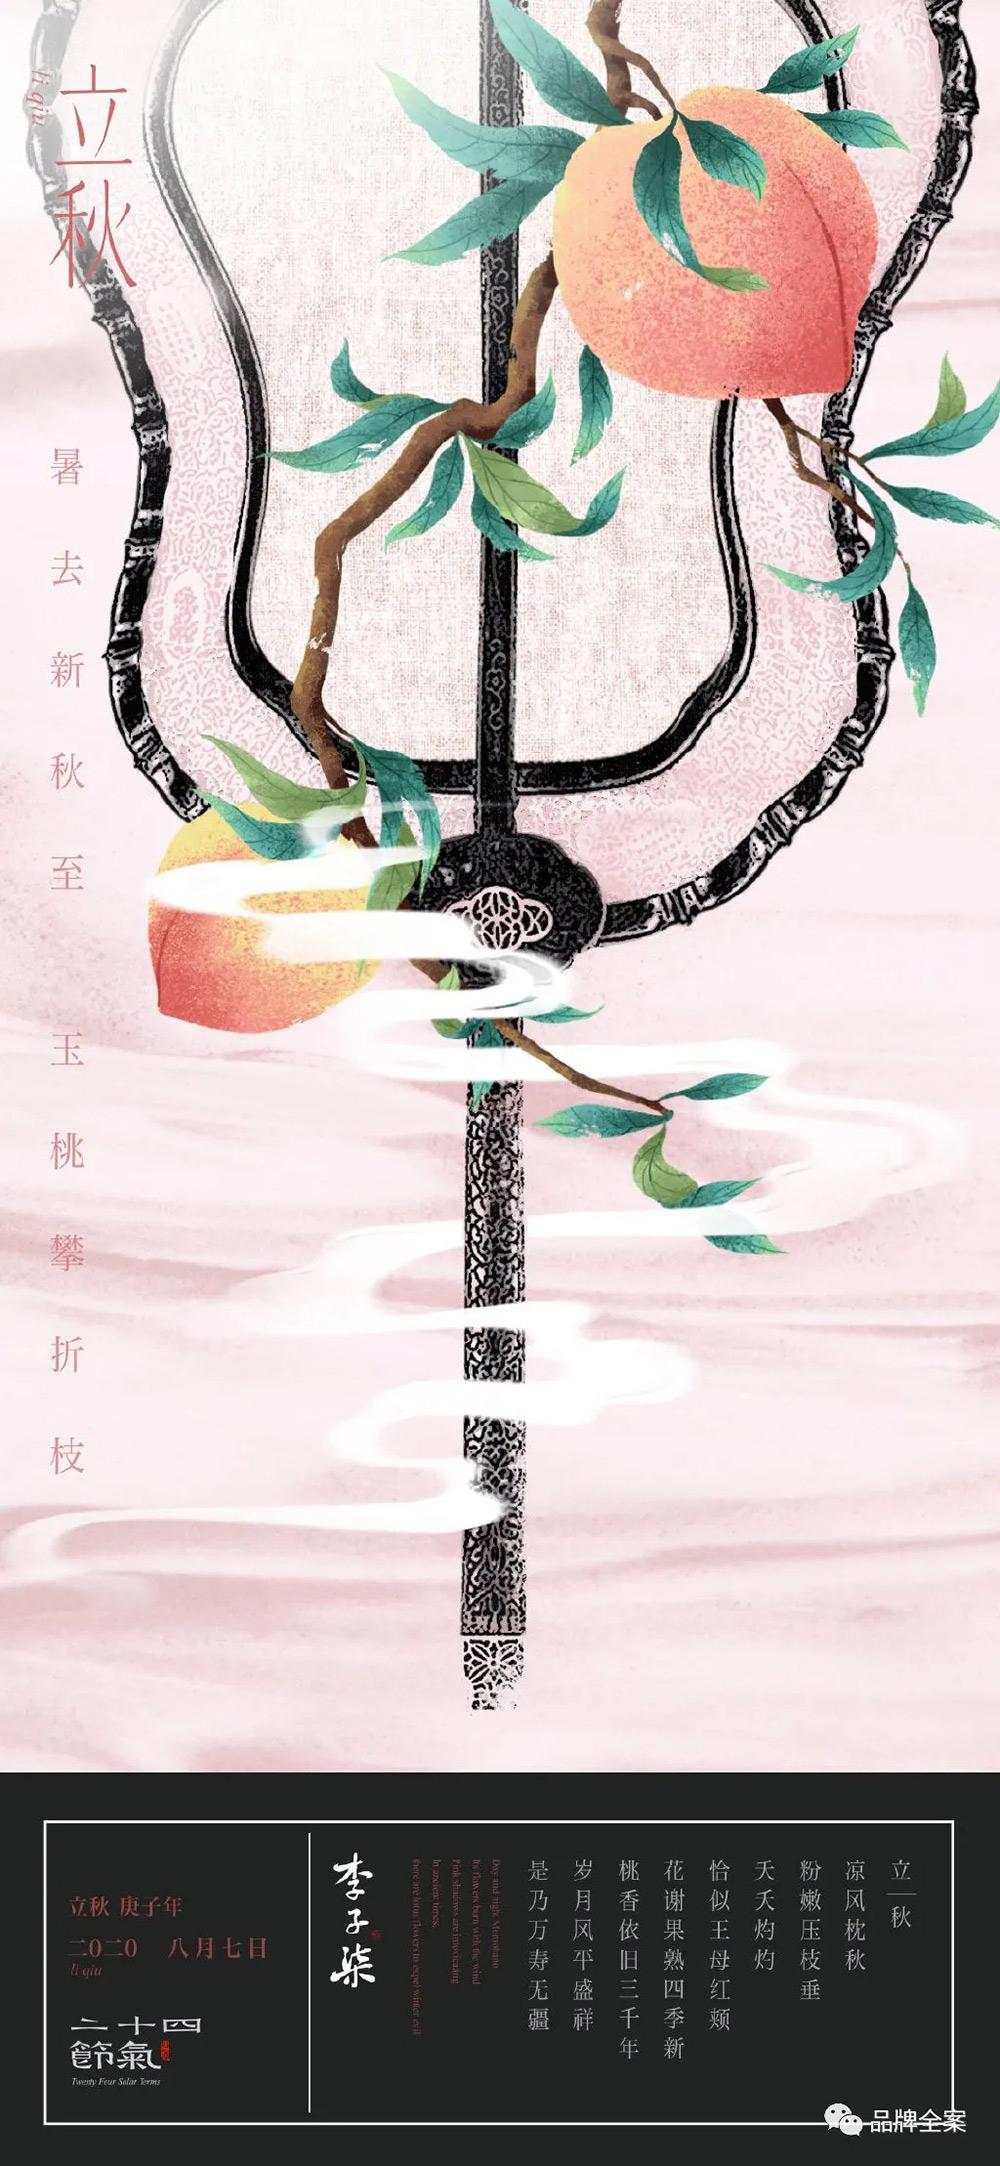 唯美古风!李子柒品牌节气海报